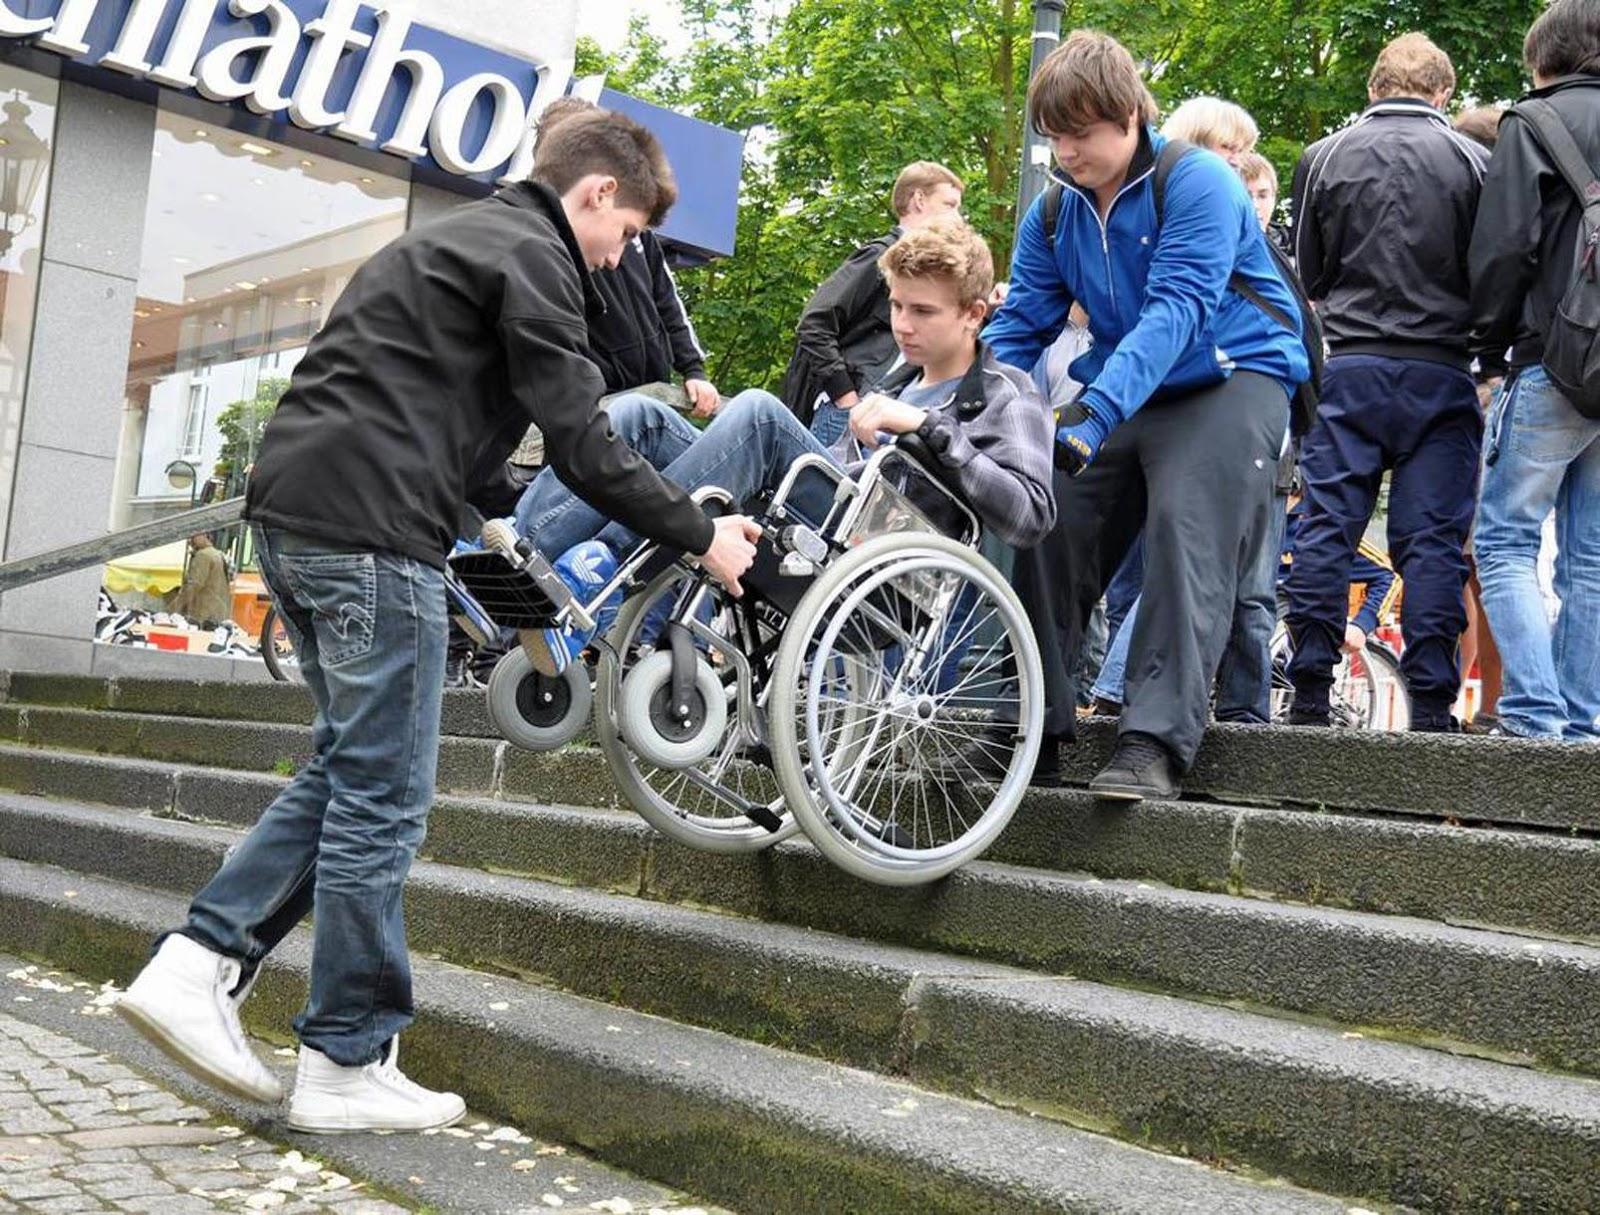 C mo desplazar una silla de ruedas en escaleras for Sillas para escaleras minusvalidos